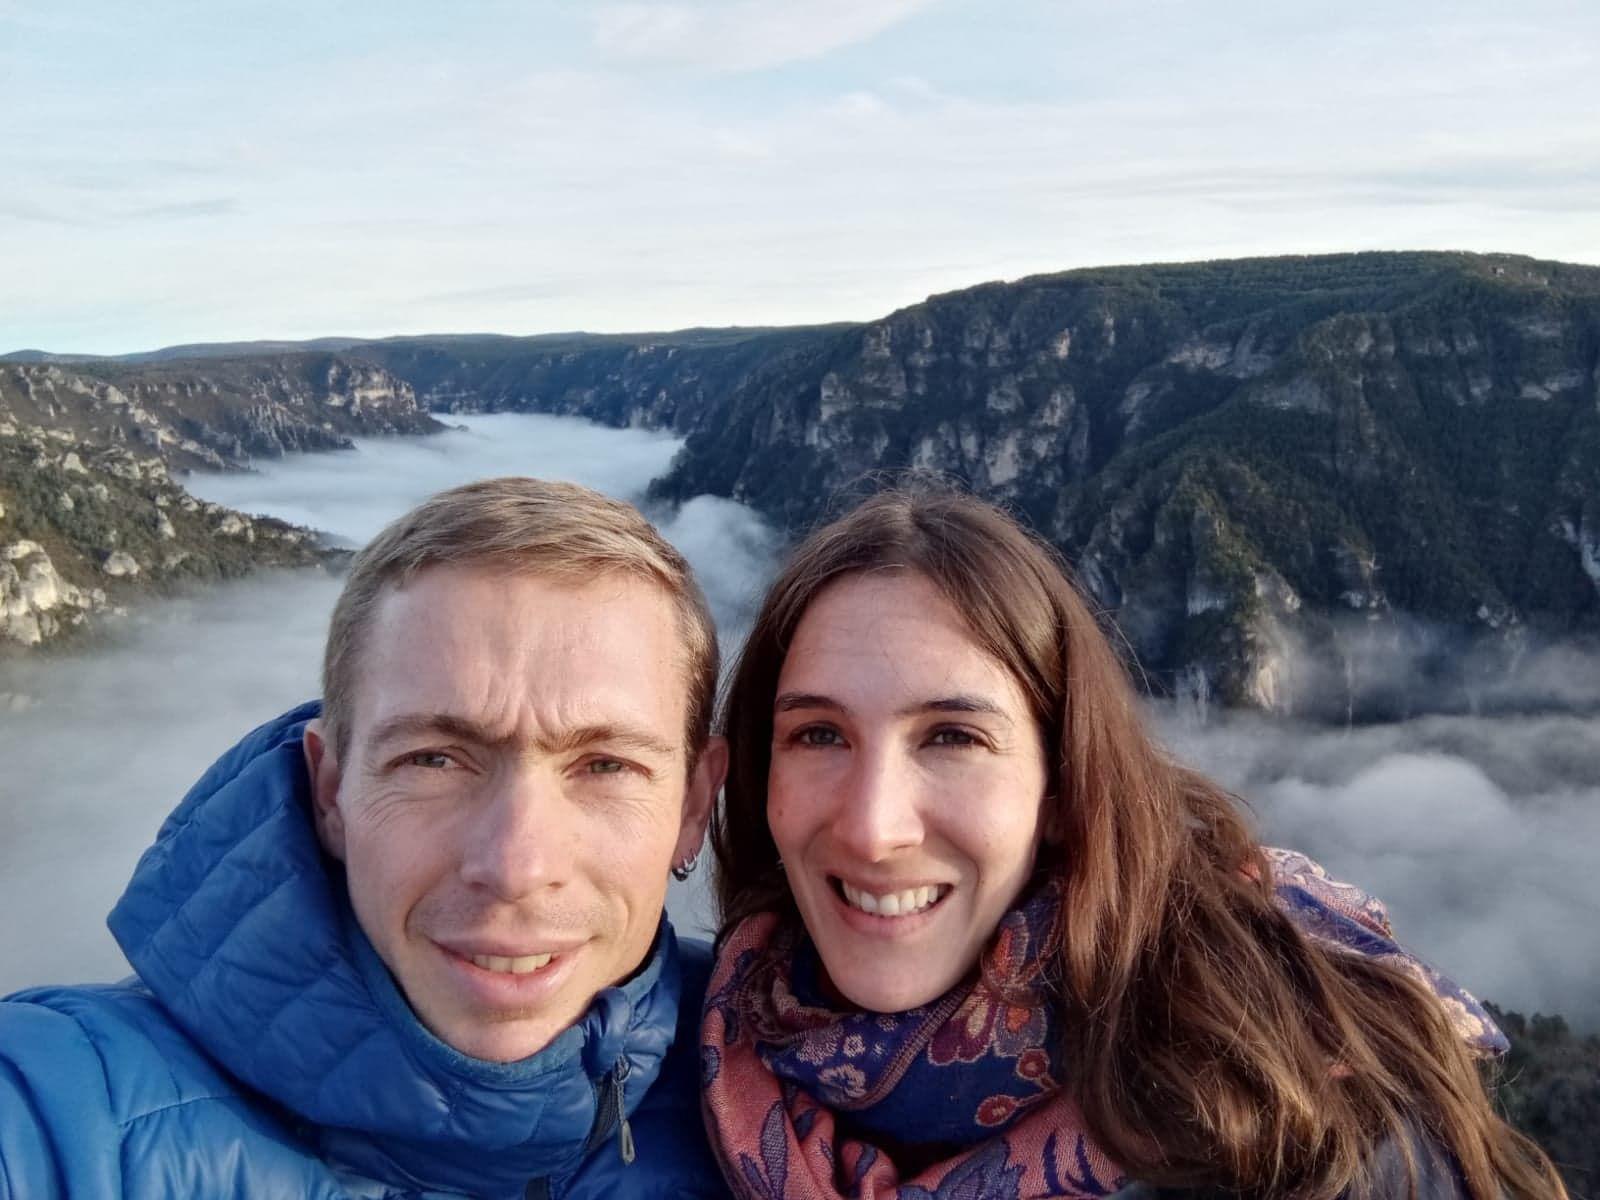 Gorges du Tarn, Massif Central 2020